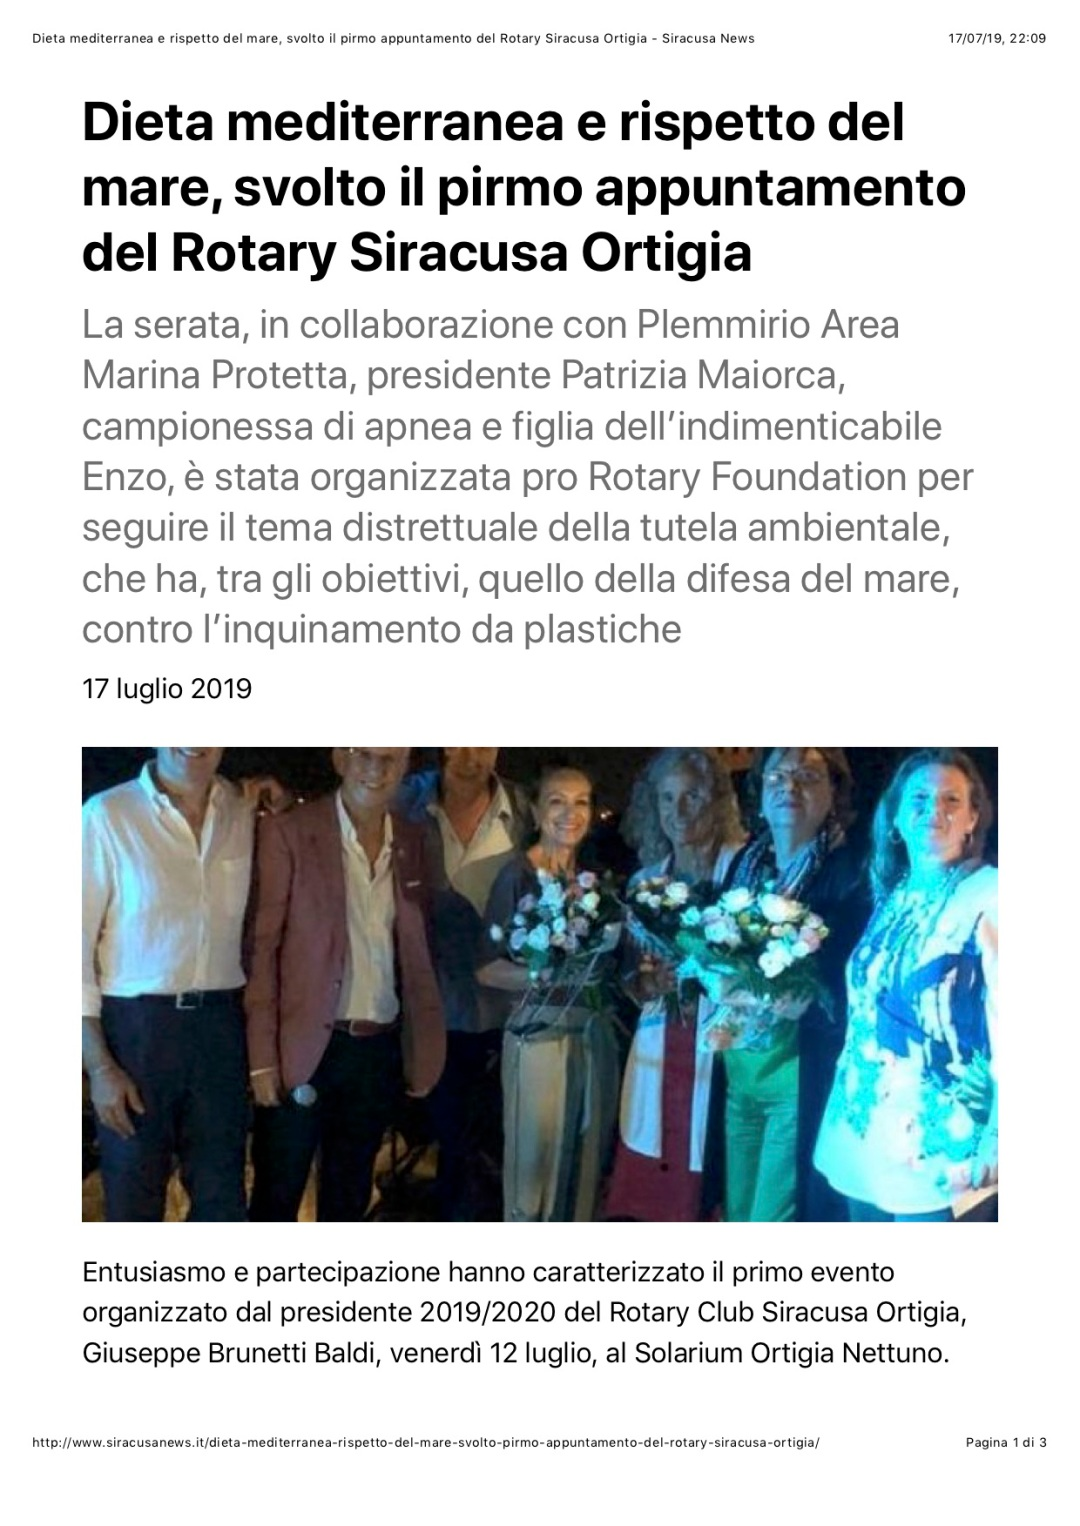 Dieta mediterranea e rispetto del mare, svolto il pirmo appuntamento del Rotary Siracusa Ortigia - Siracusa News